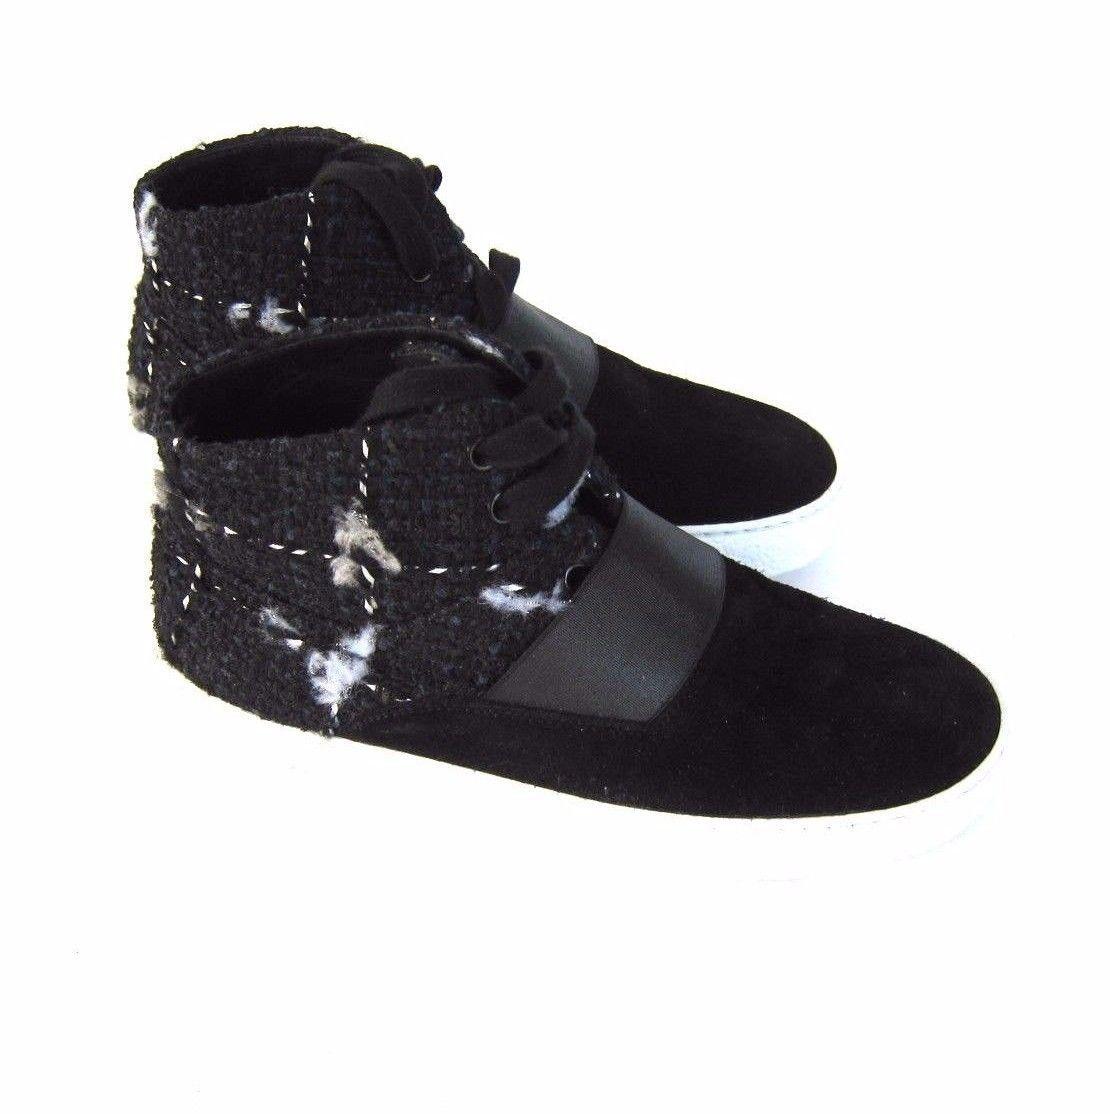 cf2e68a95152 J-2419310 New Chanel Black Tweed Hi-Top and 50 similar items